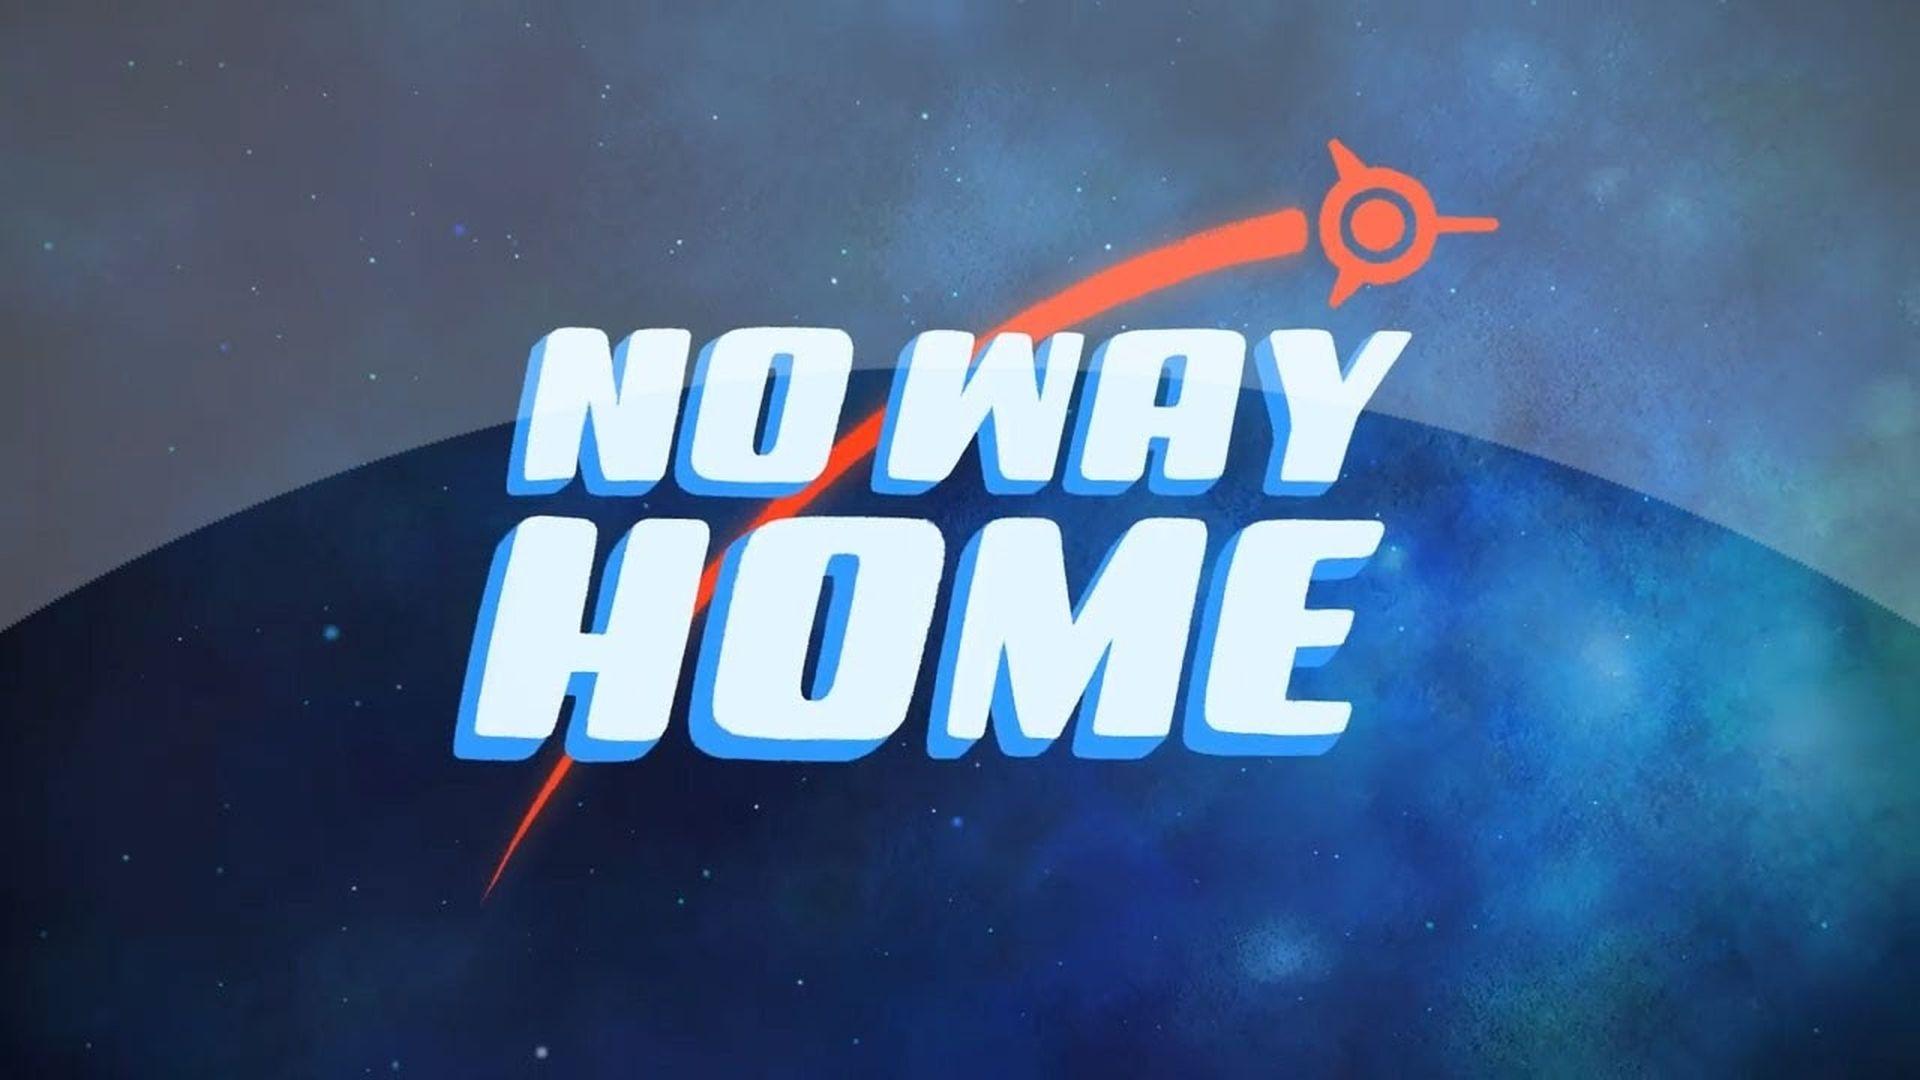 Został dodany nowy tytuł gry do usługi Apple Arcade